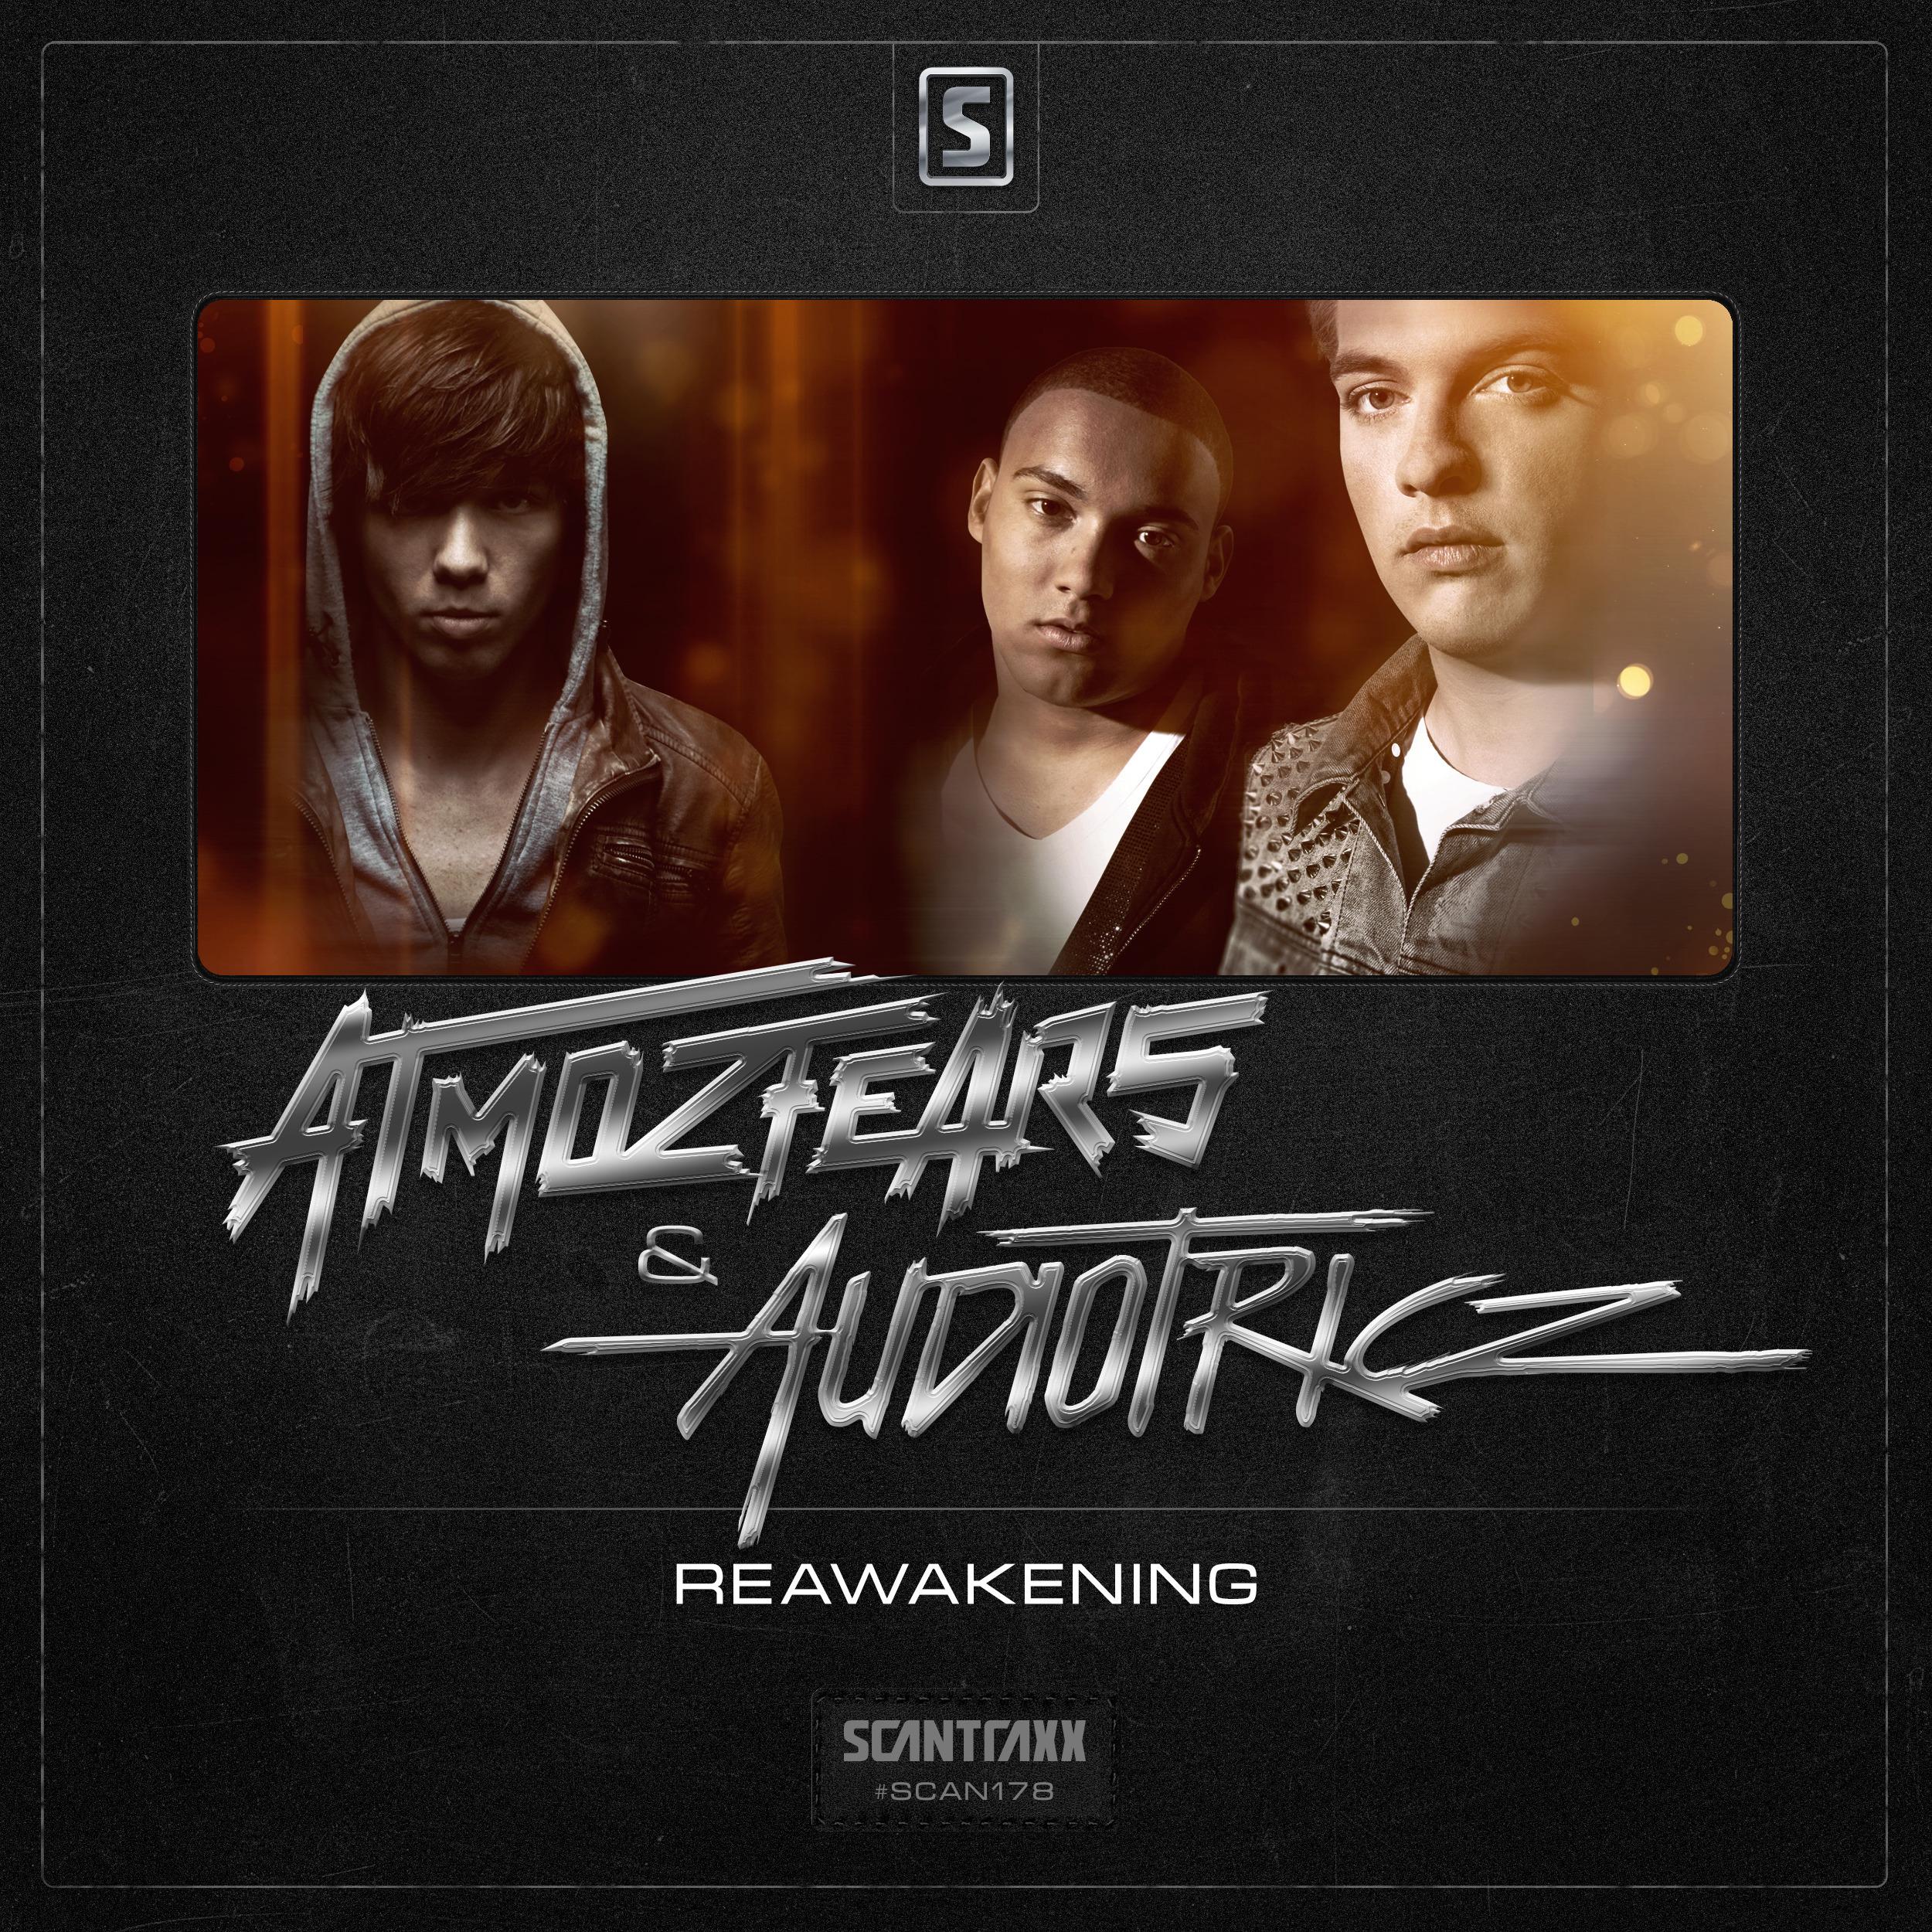 Atmozfears & Audiotricz - Reawakening [SCANTRAXX RECORDZ] SCANTRAXX178